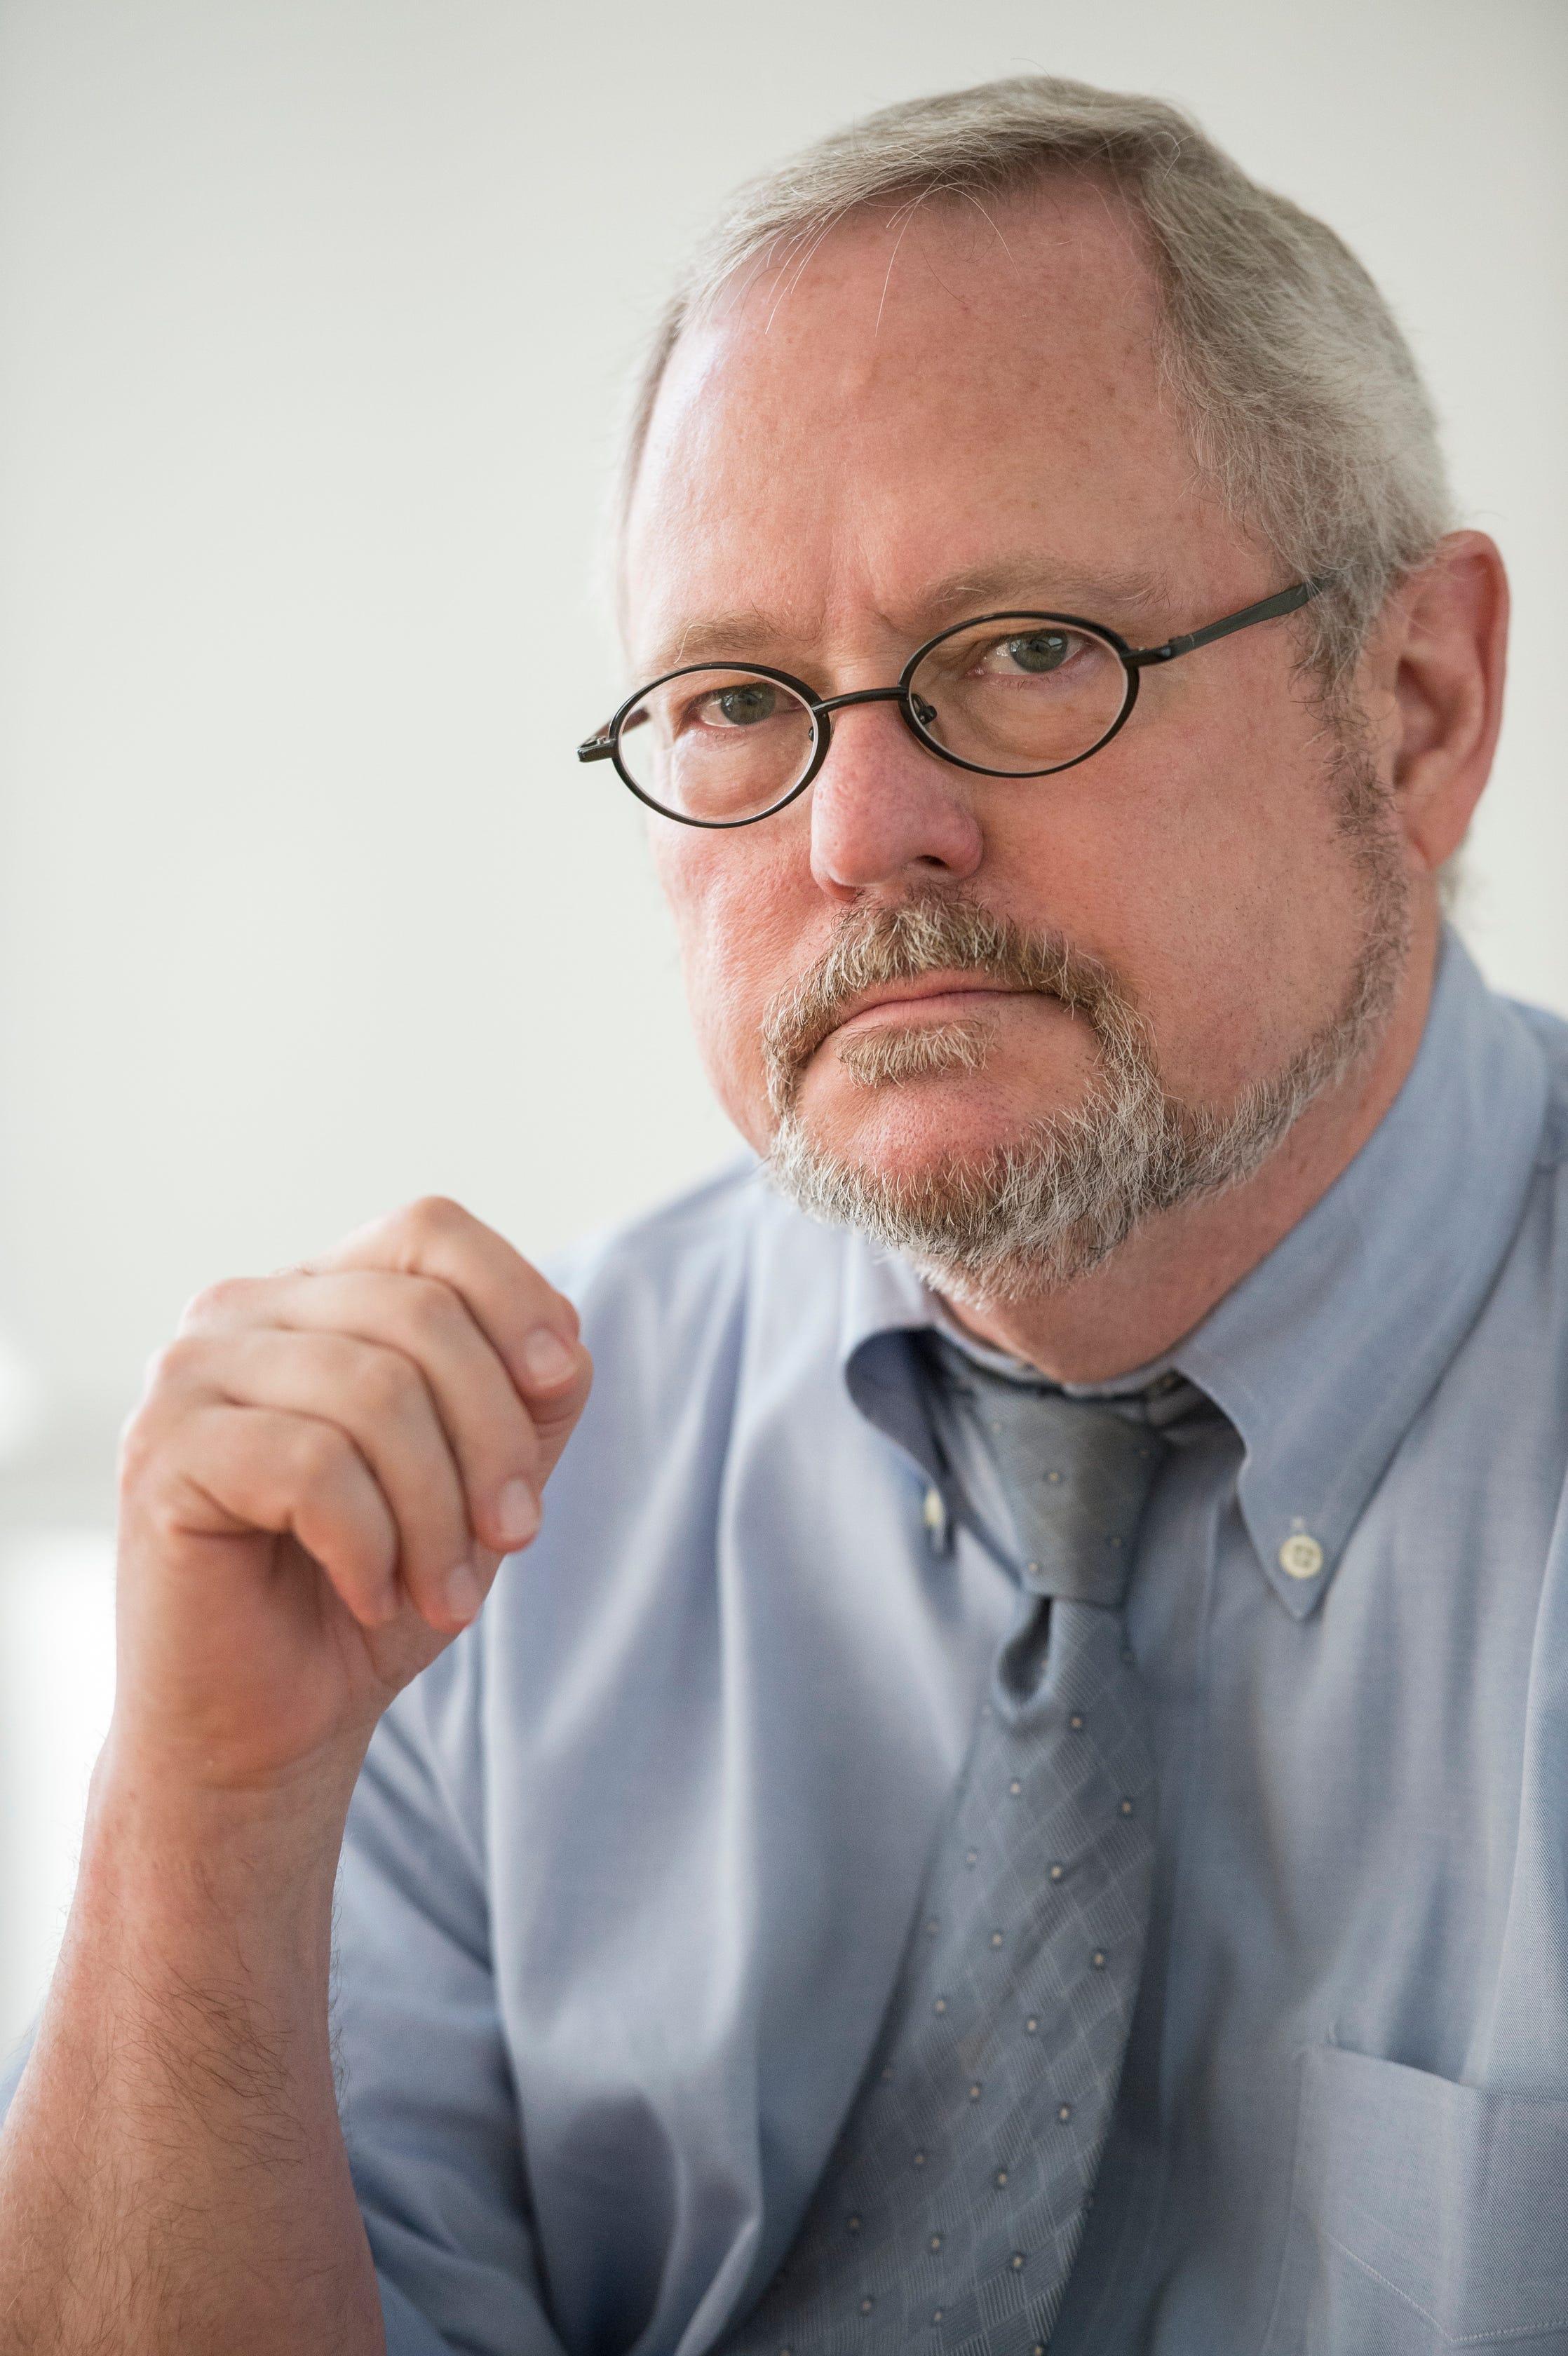 Dr. Robert Kinscherff